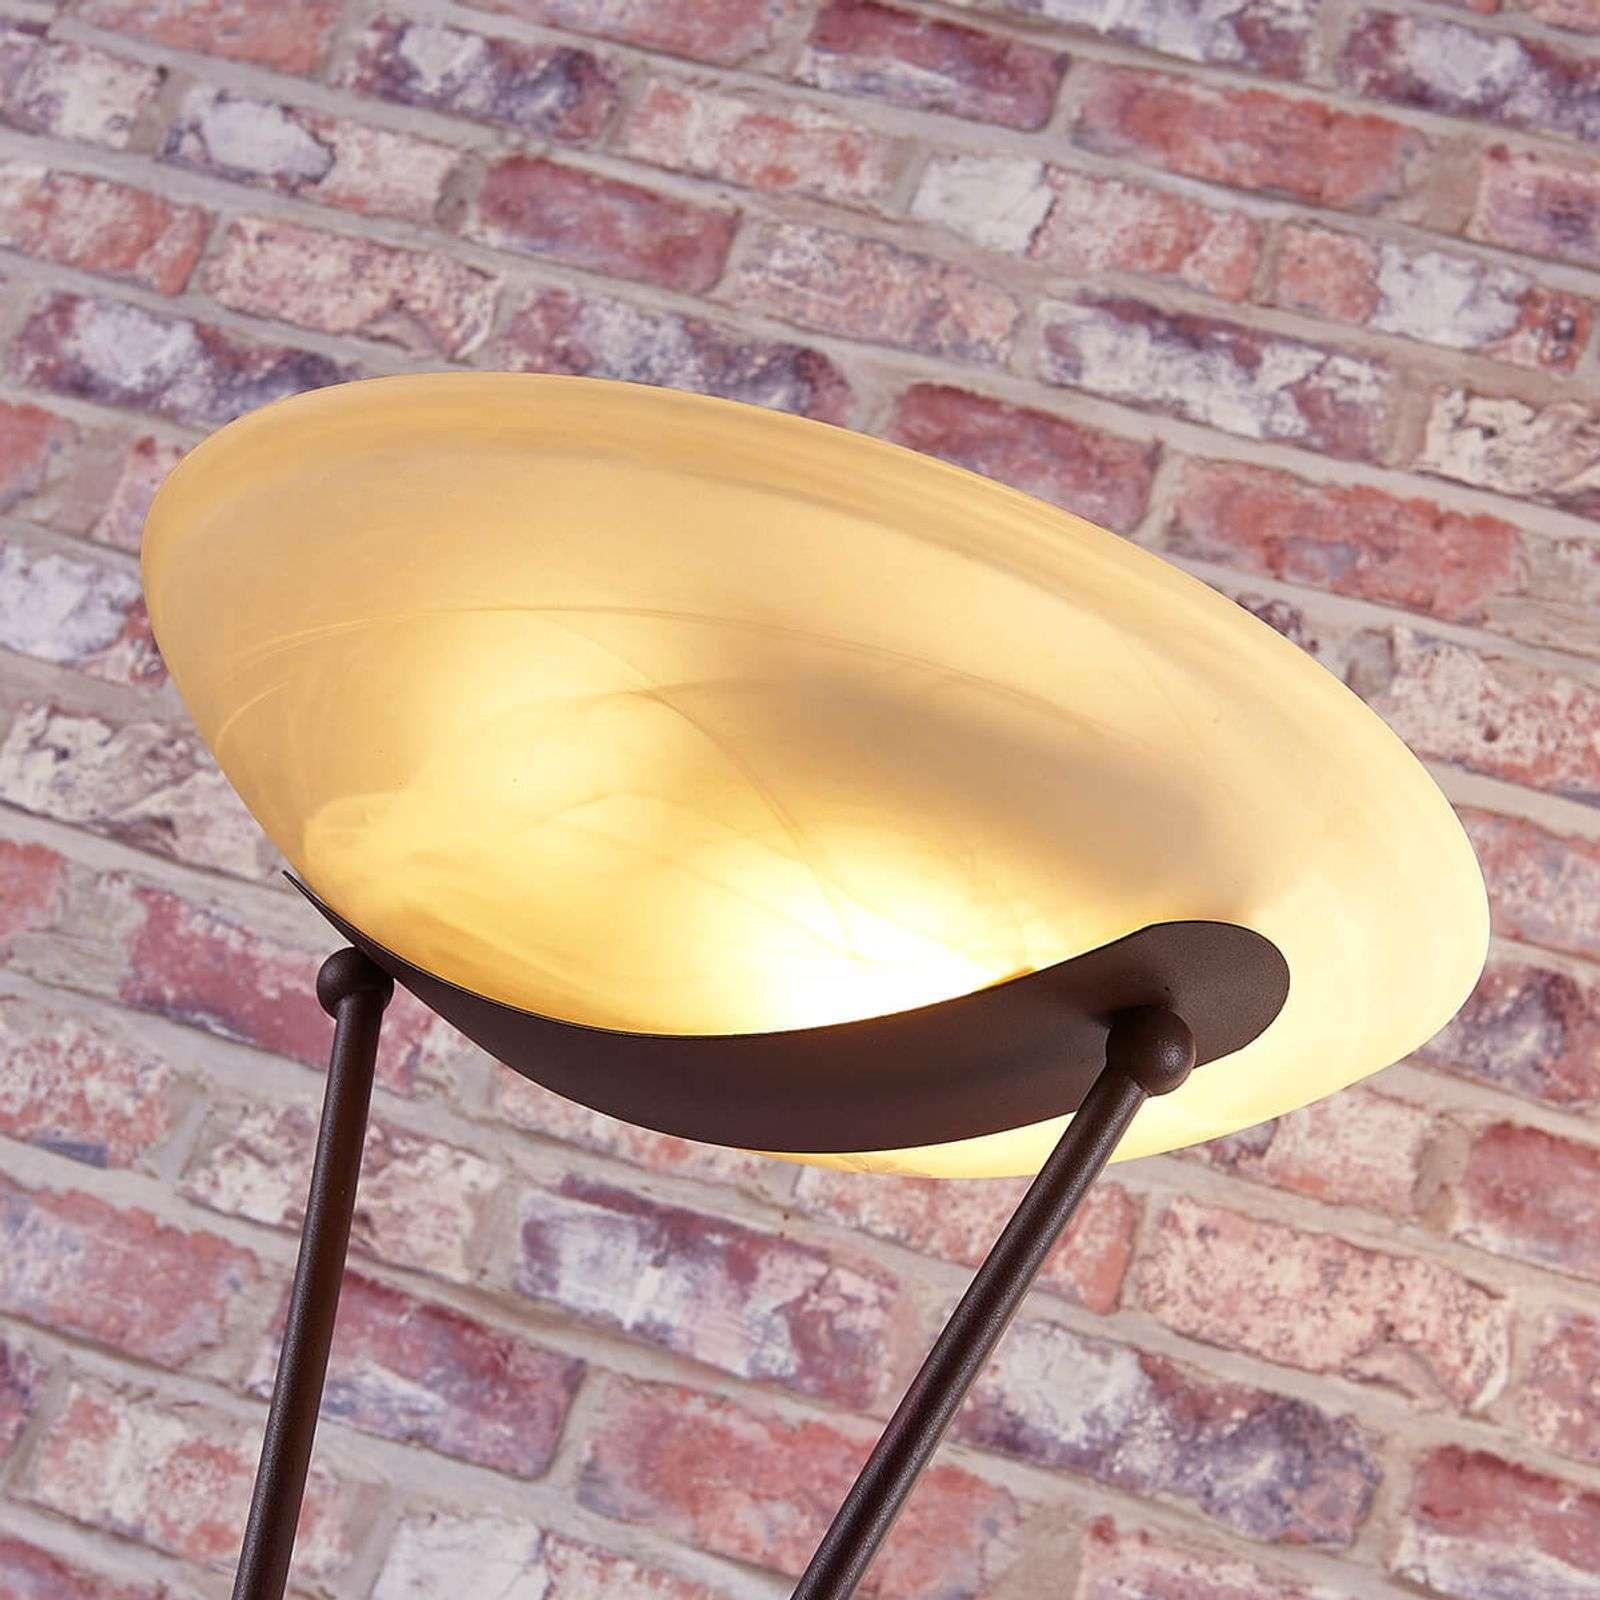 Himmennettävä LED-kattovalaisin Felicia, ruoste-9621271-02